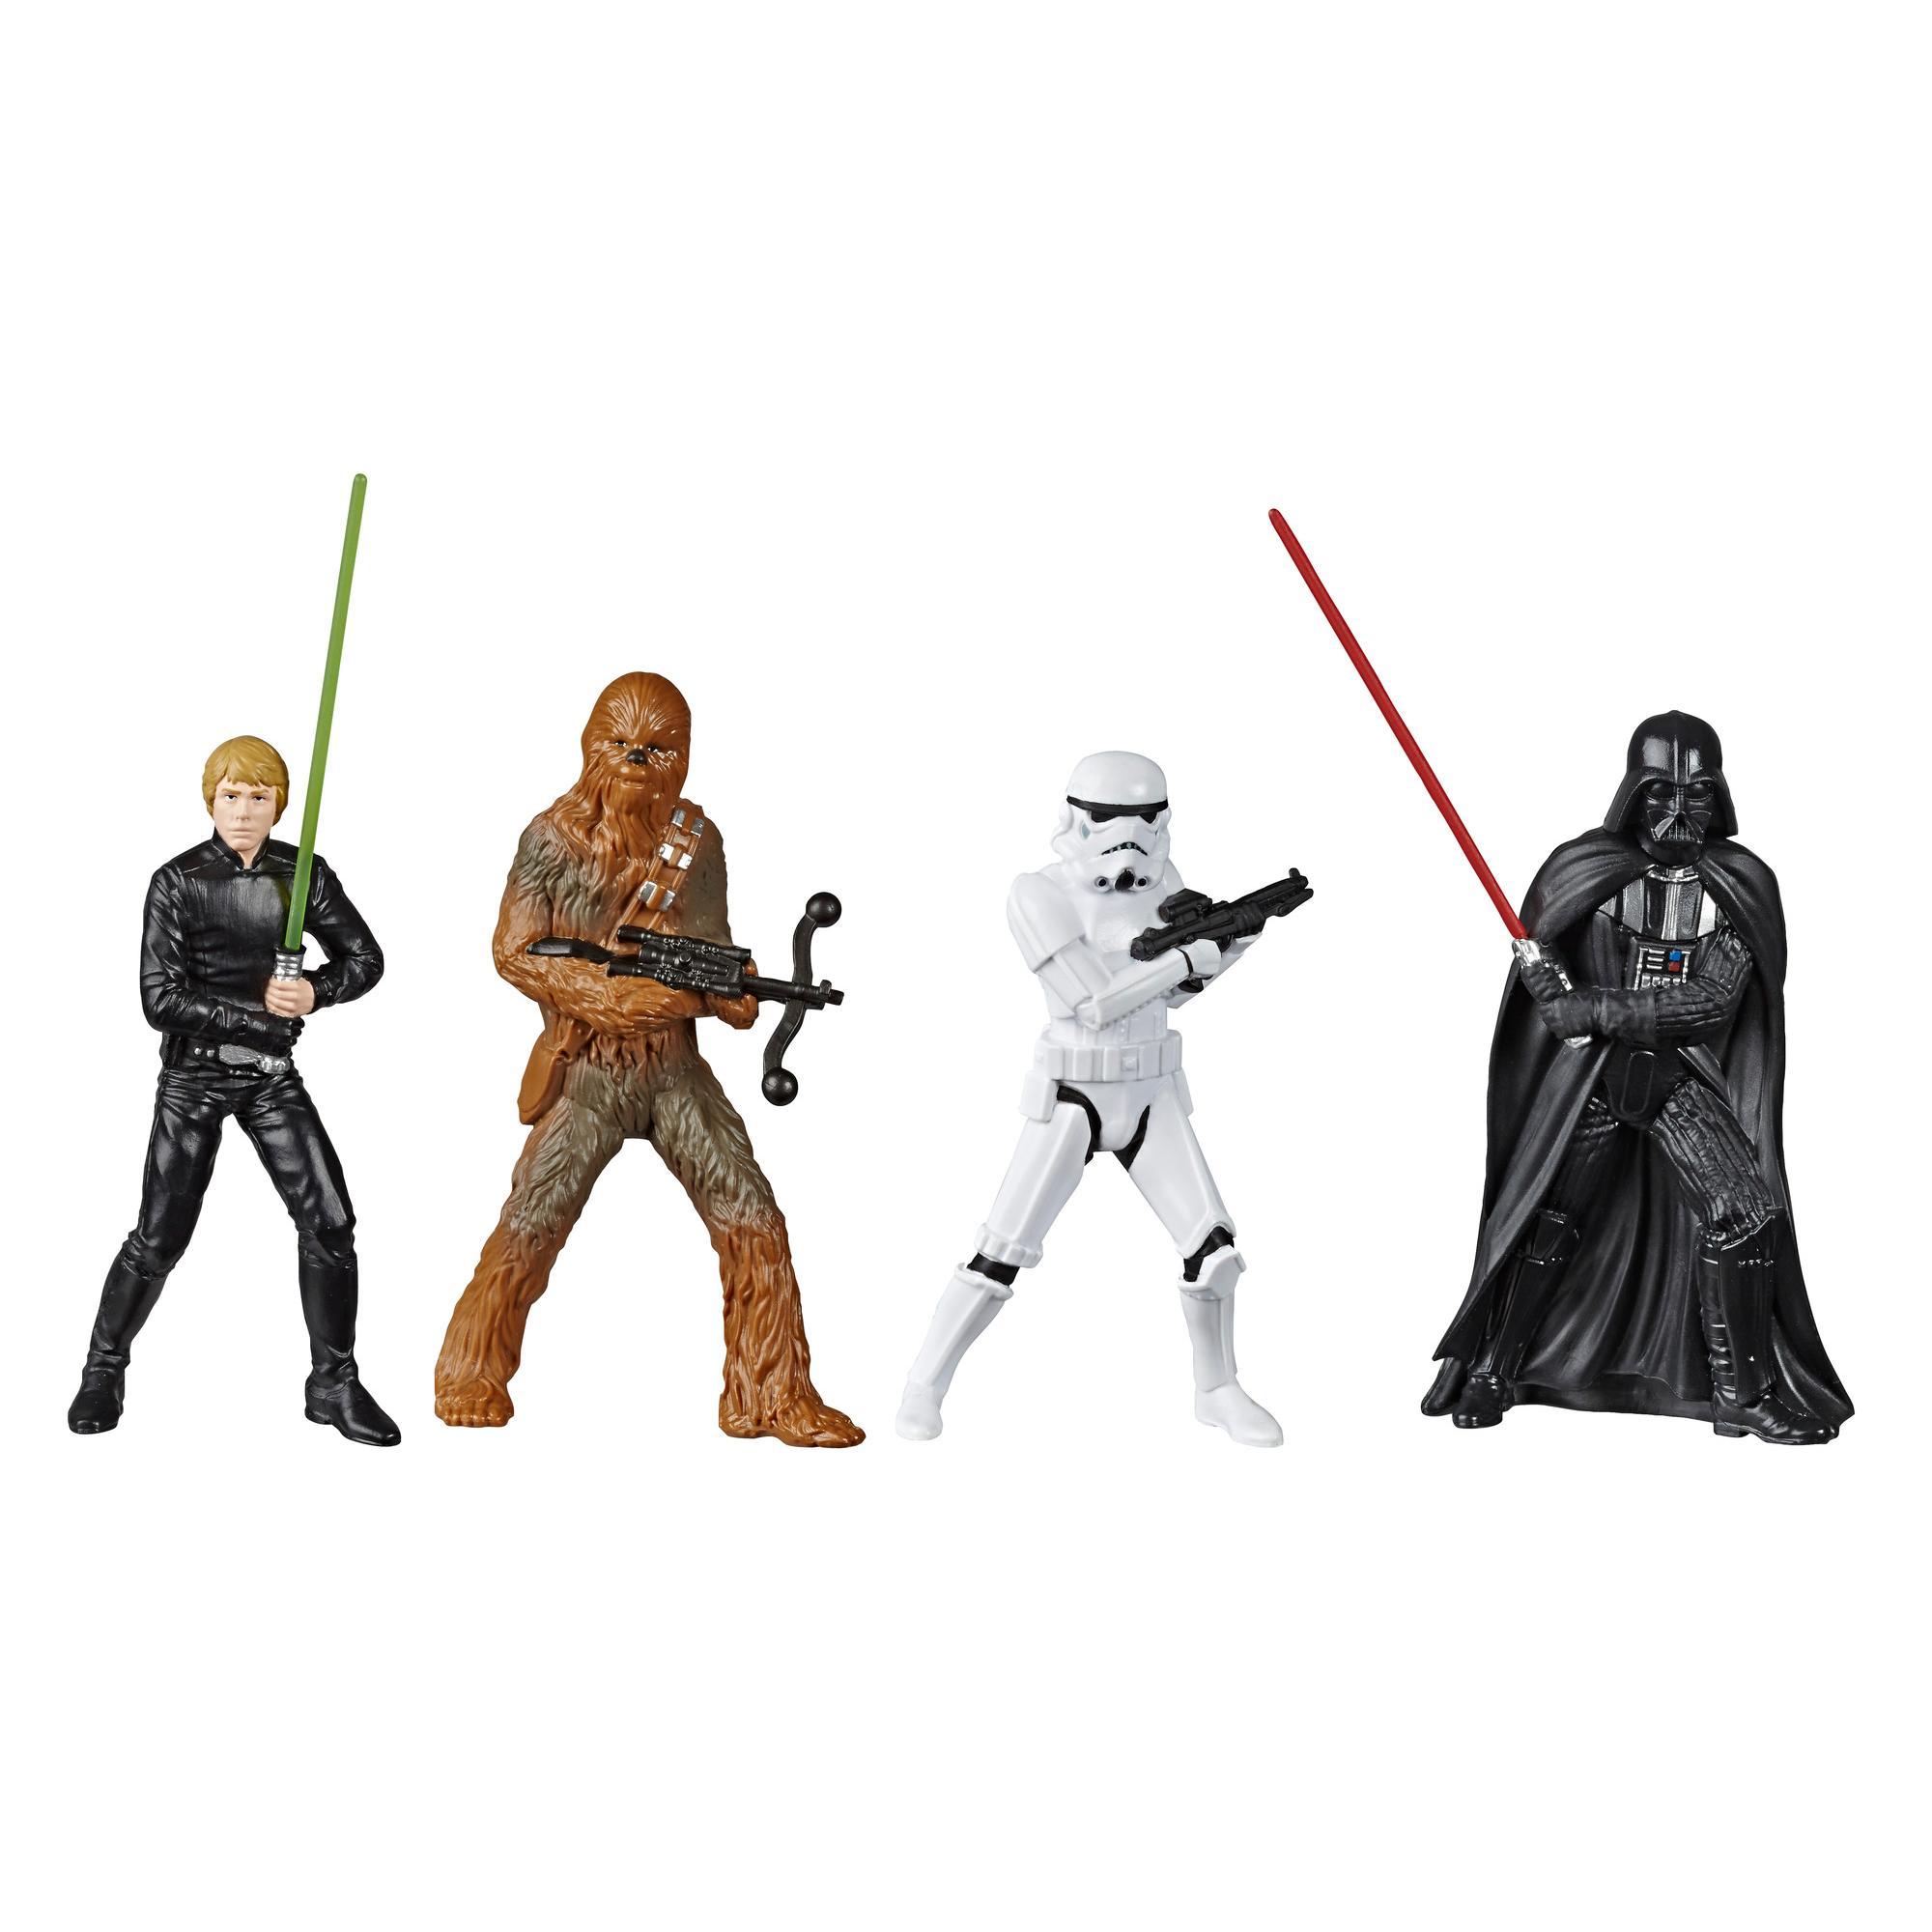 Star Wars : L'ascension de Skywalker, assortiment de figurines d'action de 10 cm, jouets pour enfants, à partir de 4 ans